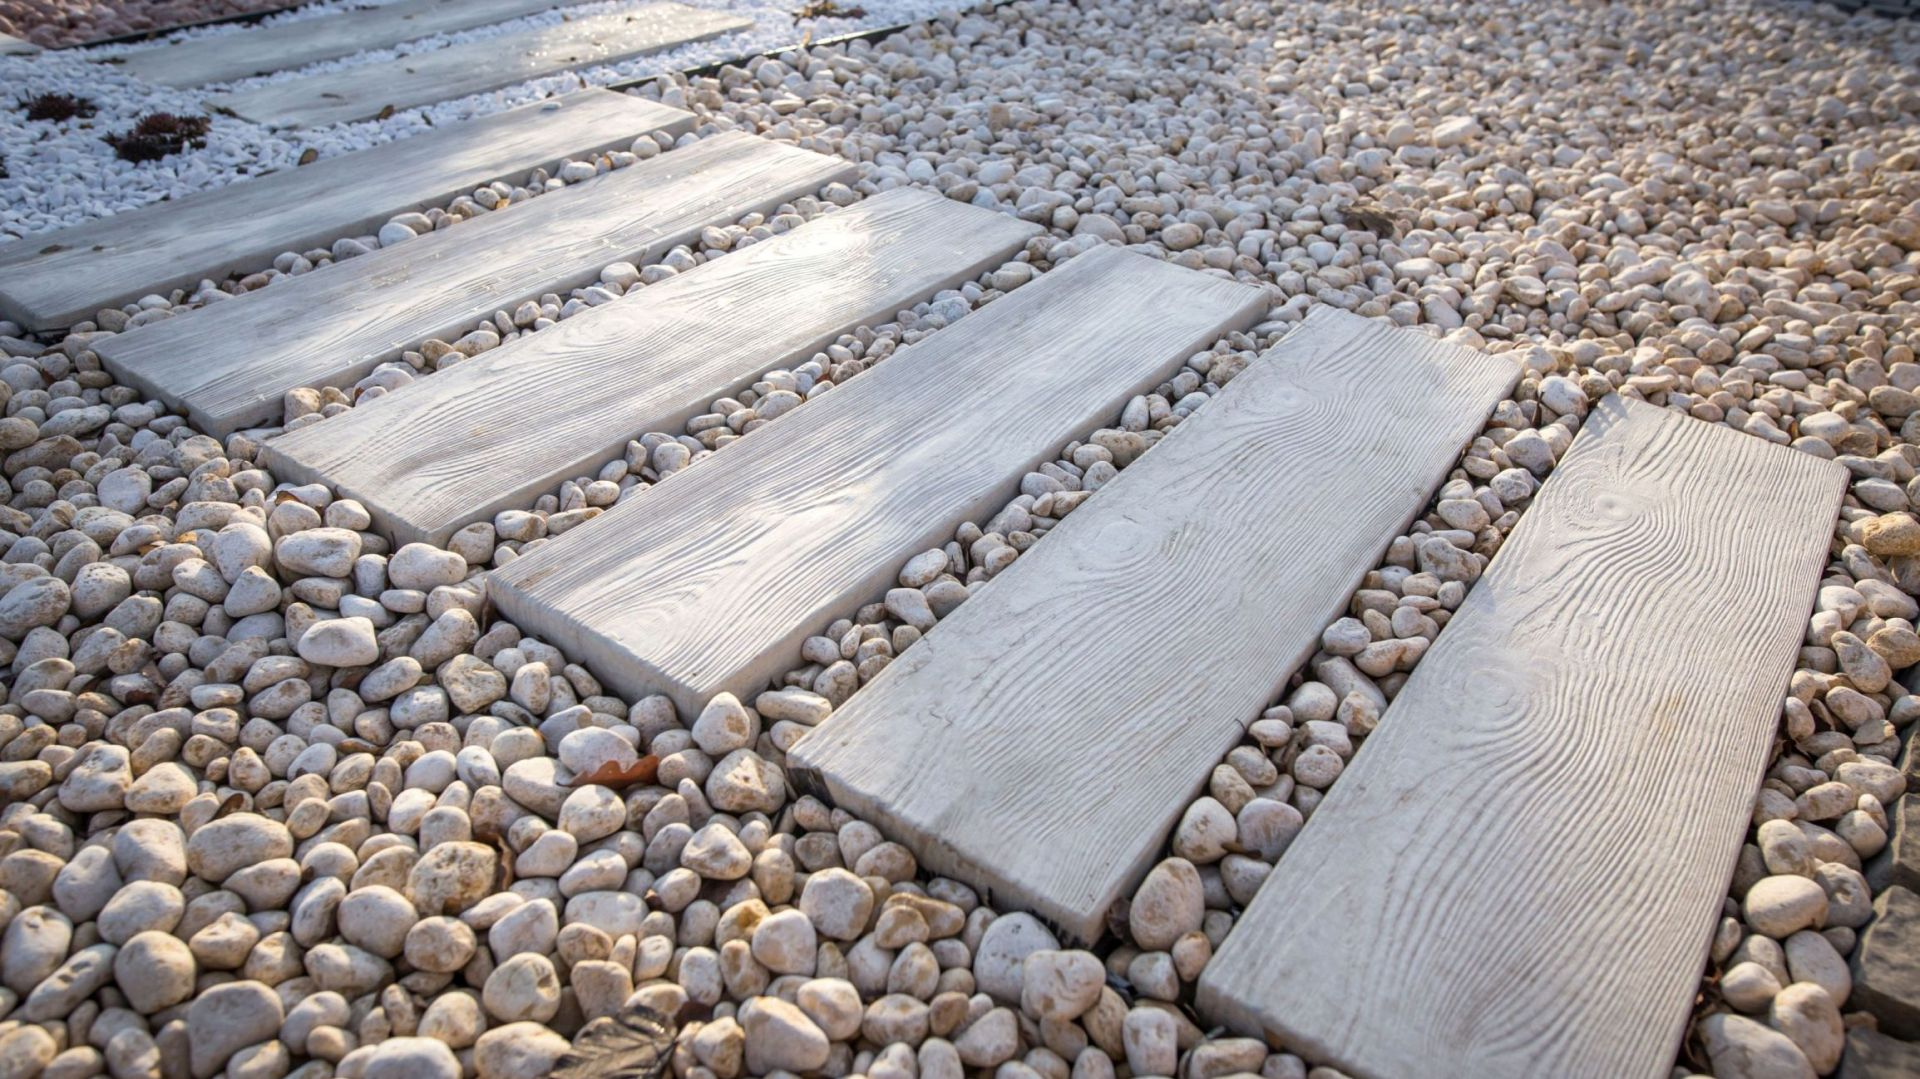 Aranżacja ścieżek W Ogrodzie Płyty Betonowe Jak Drewno